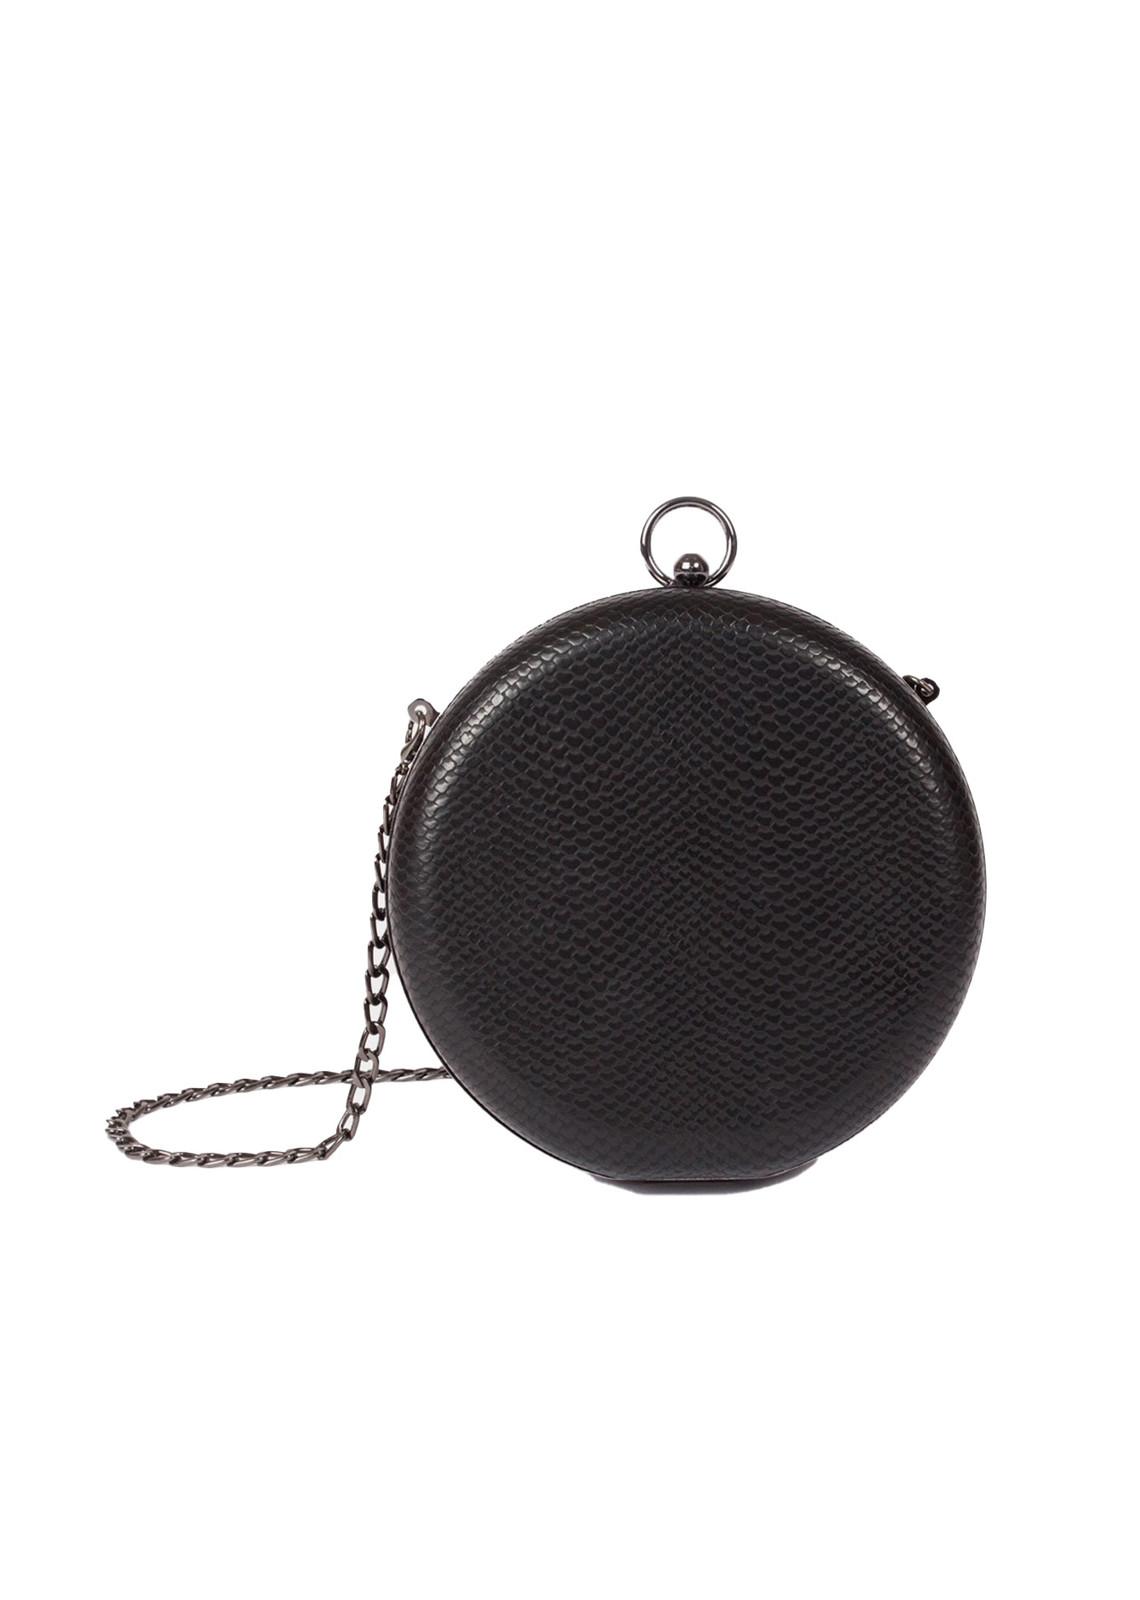 Round and round black